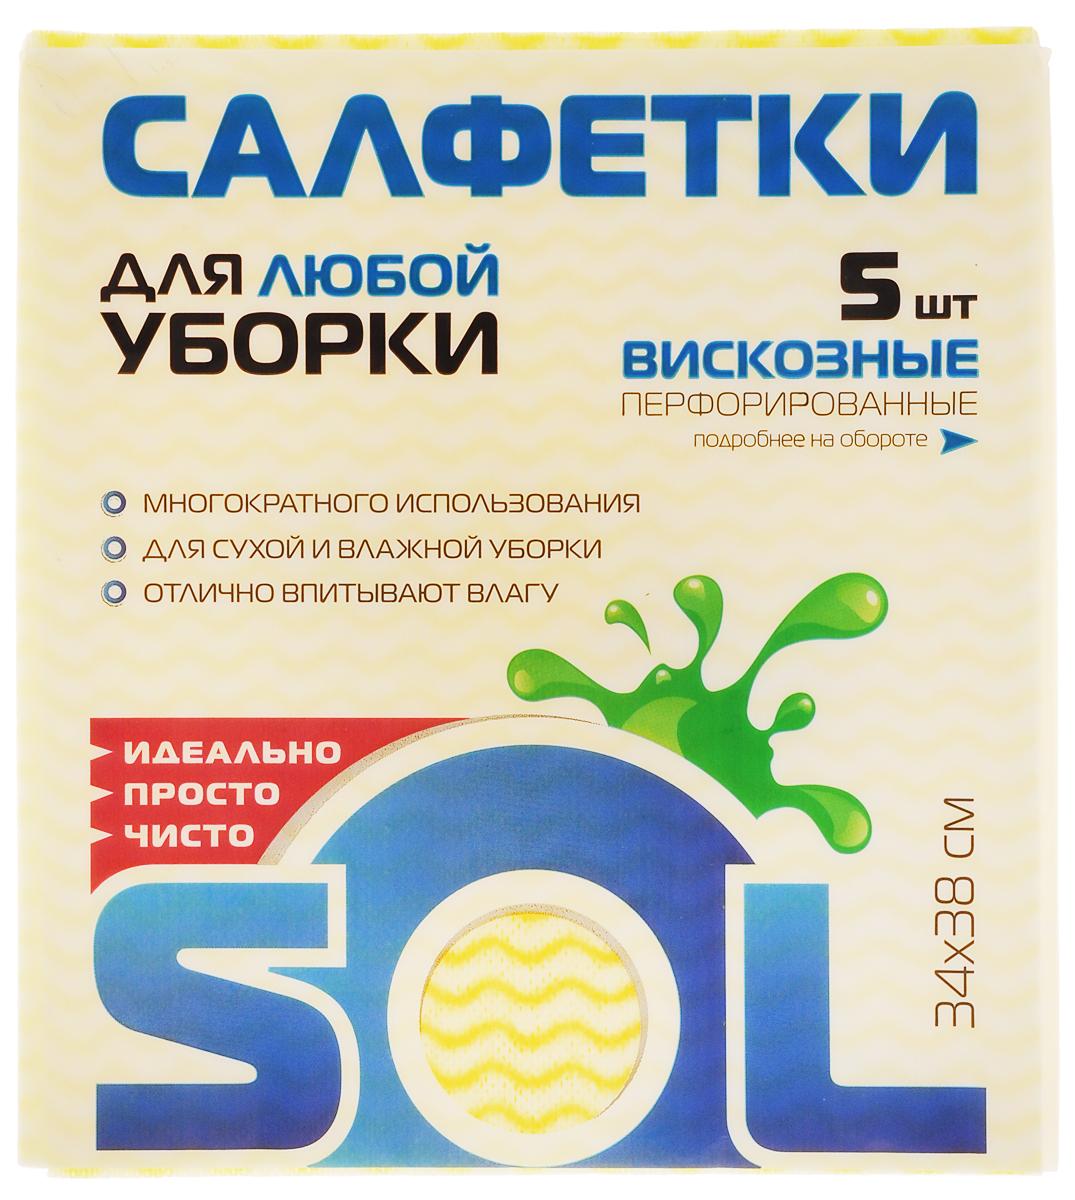 Салфетка для уборки Sol из вискозы, перфорированная, цвет: желтый, белый, голубой, 34 x 38 см, 5 шт10005/10053_желтый, белый, голубойПерфорированные салфетки для уборки Sol, выполненные из вискозы, предназначены для уборки и могут применяться с различными моющими средствами. Эффективно впитывают жидкость. Мягкие и прочные, легко отжимаются и быстро сохнут. Рекомендации по уходу: Для обеспечения гигиеничности уборки после применения прополоскать в теплой воде. Для продления срока службы не применять машинную стирку, не гладить и не кипятить.